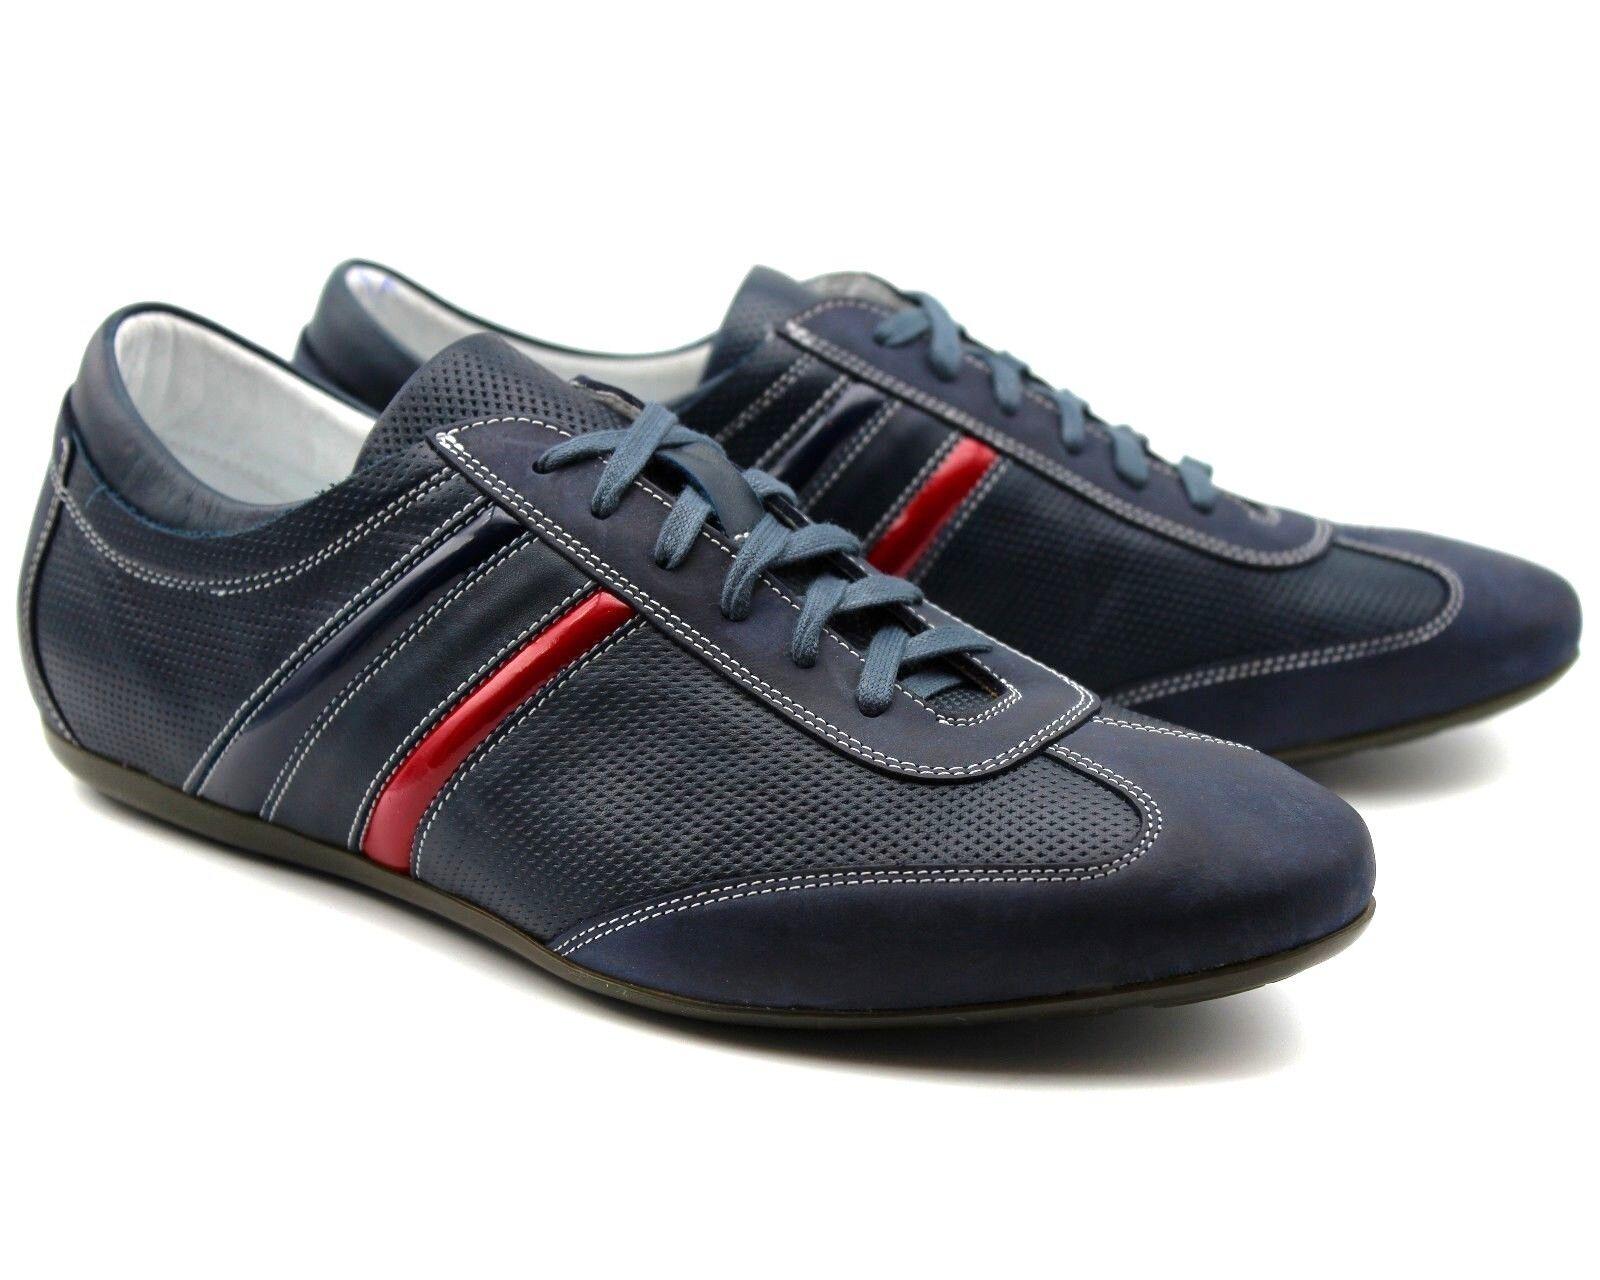 233 Reino Unido 6 Nuevo Para hombres Cuero Real Azul Marino Zapatillas Tenis Deportivas Zapatos